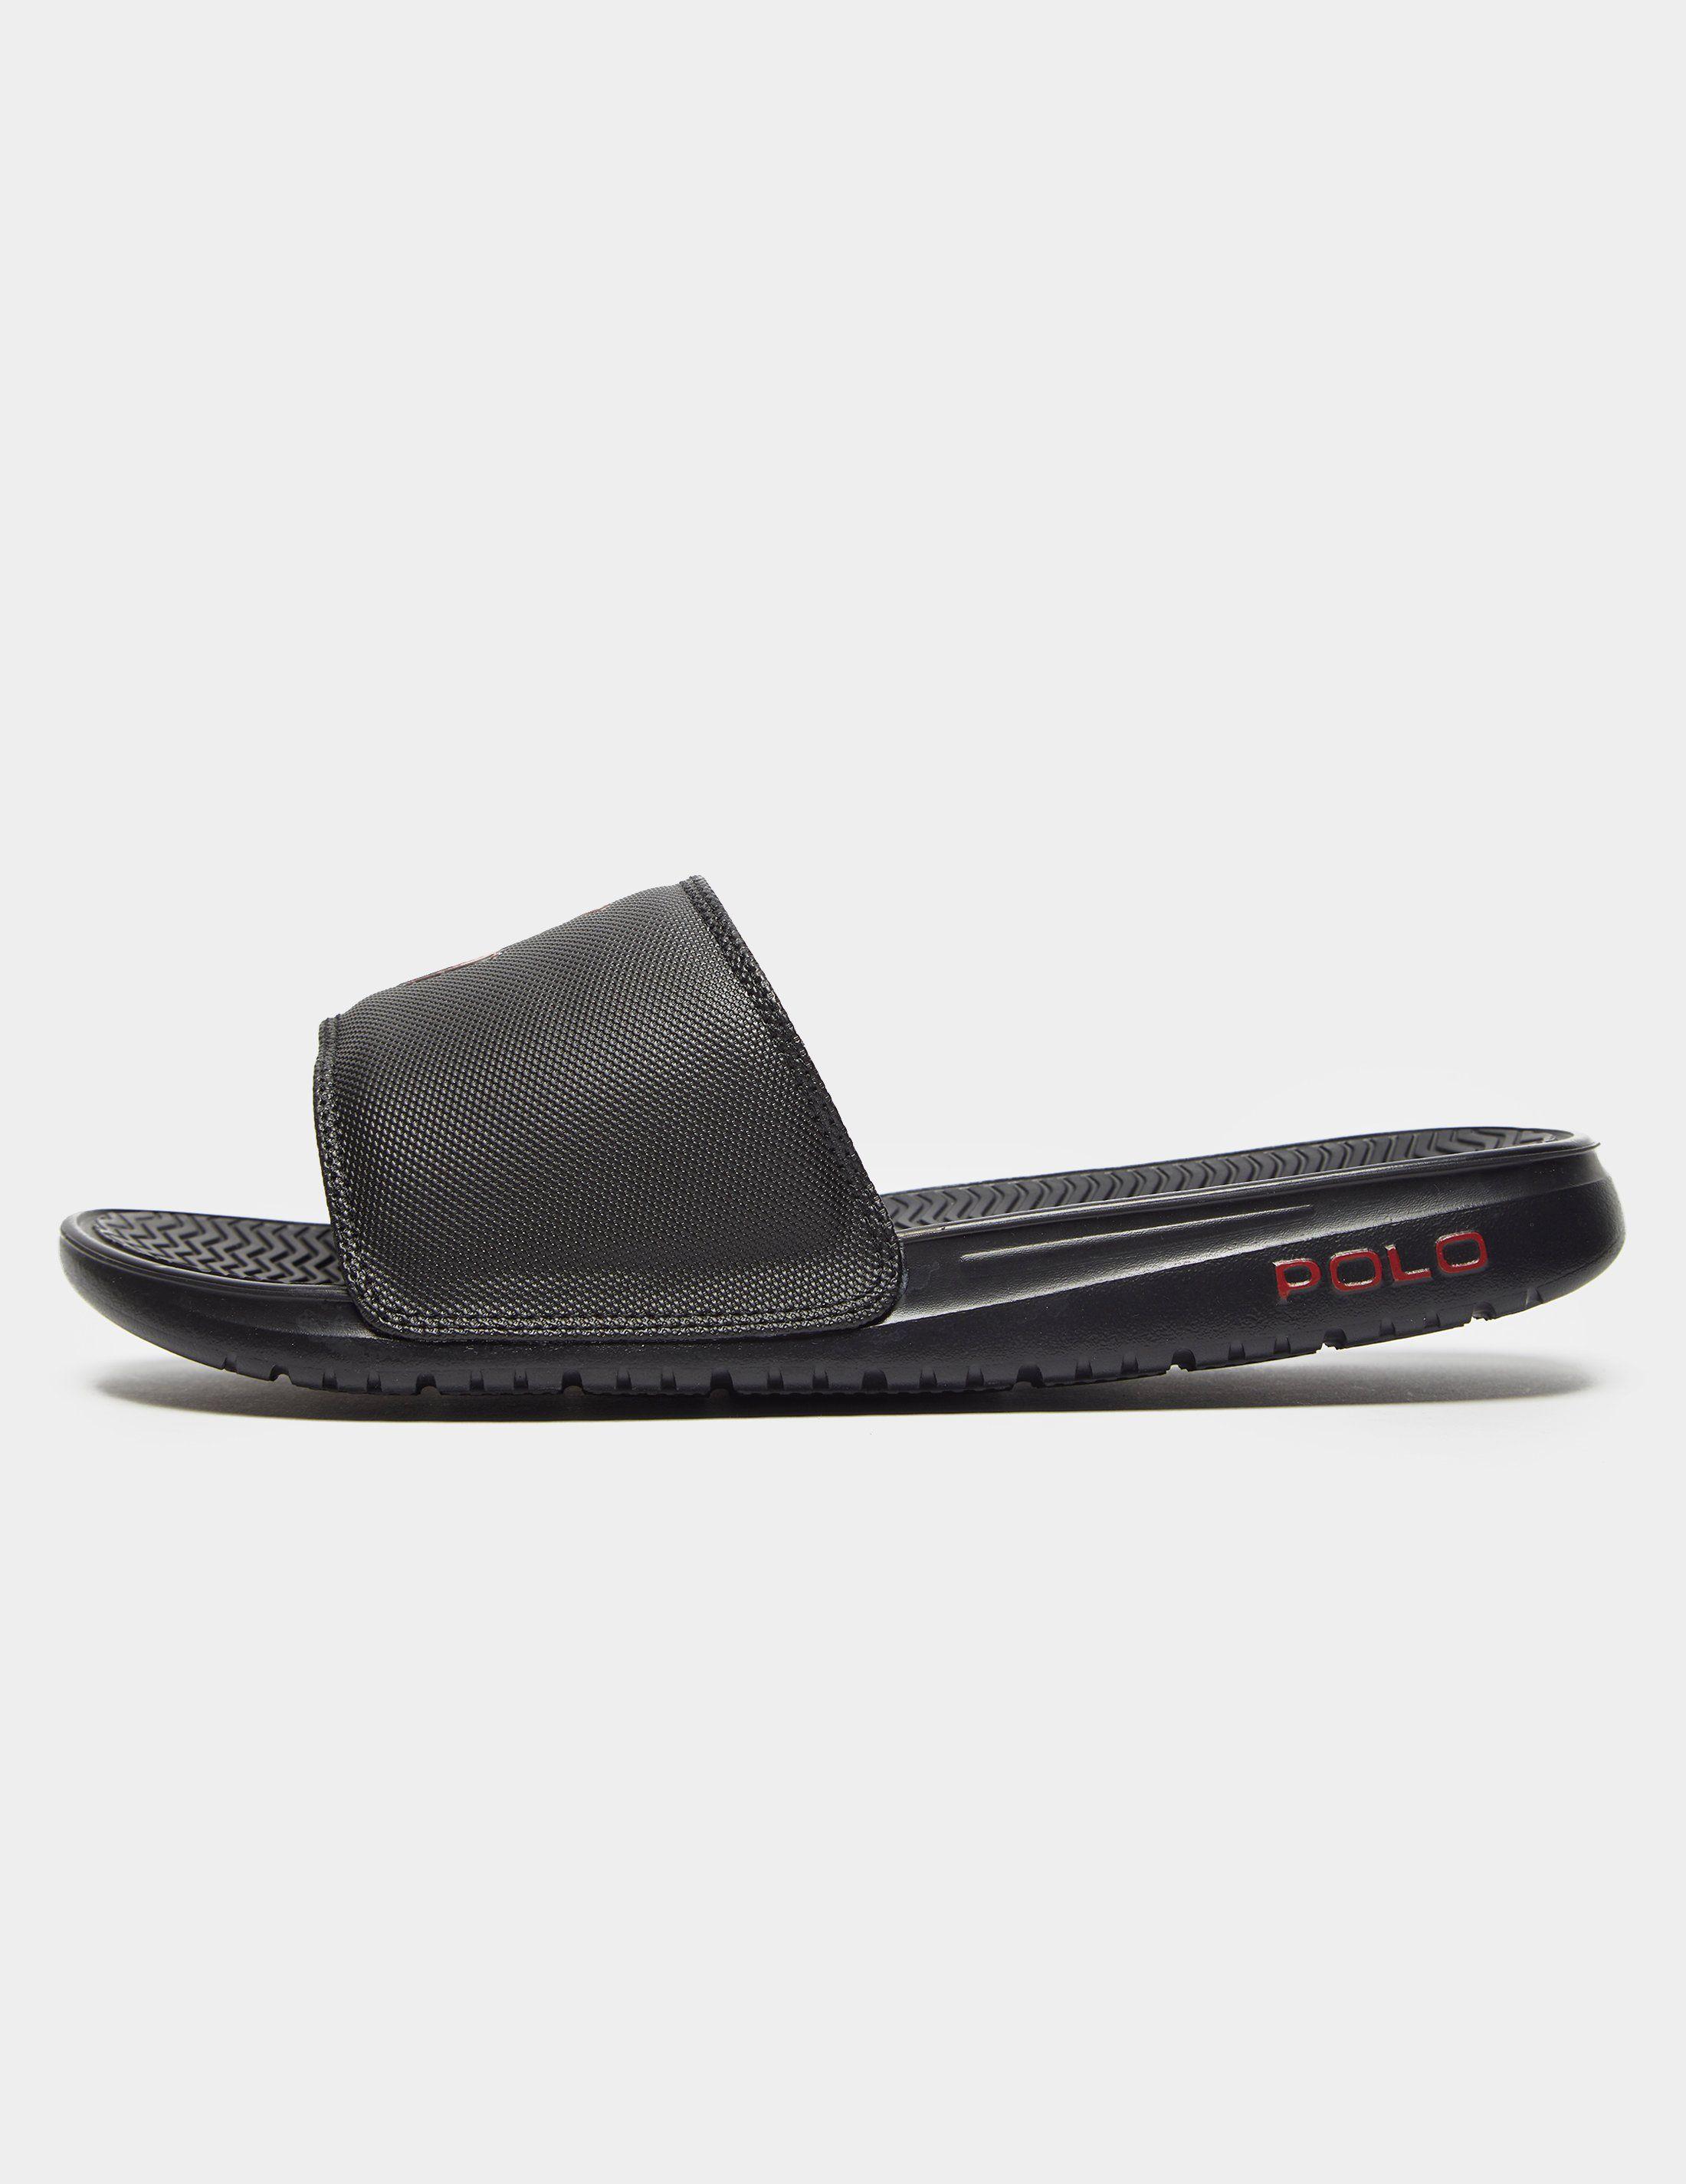 Polo Ralph Lauren Rodwell Slides